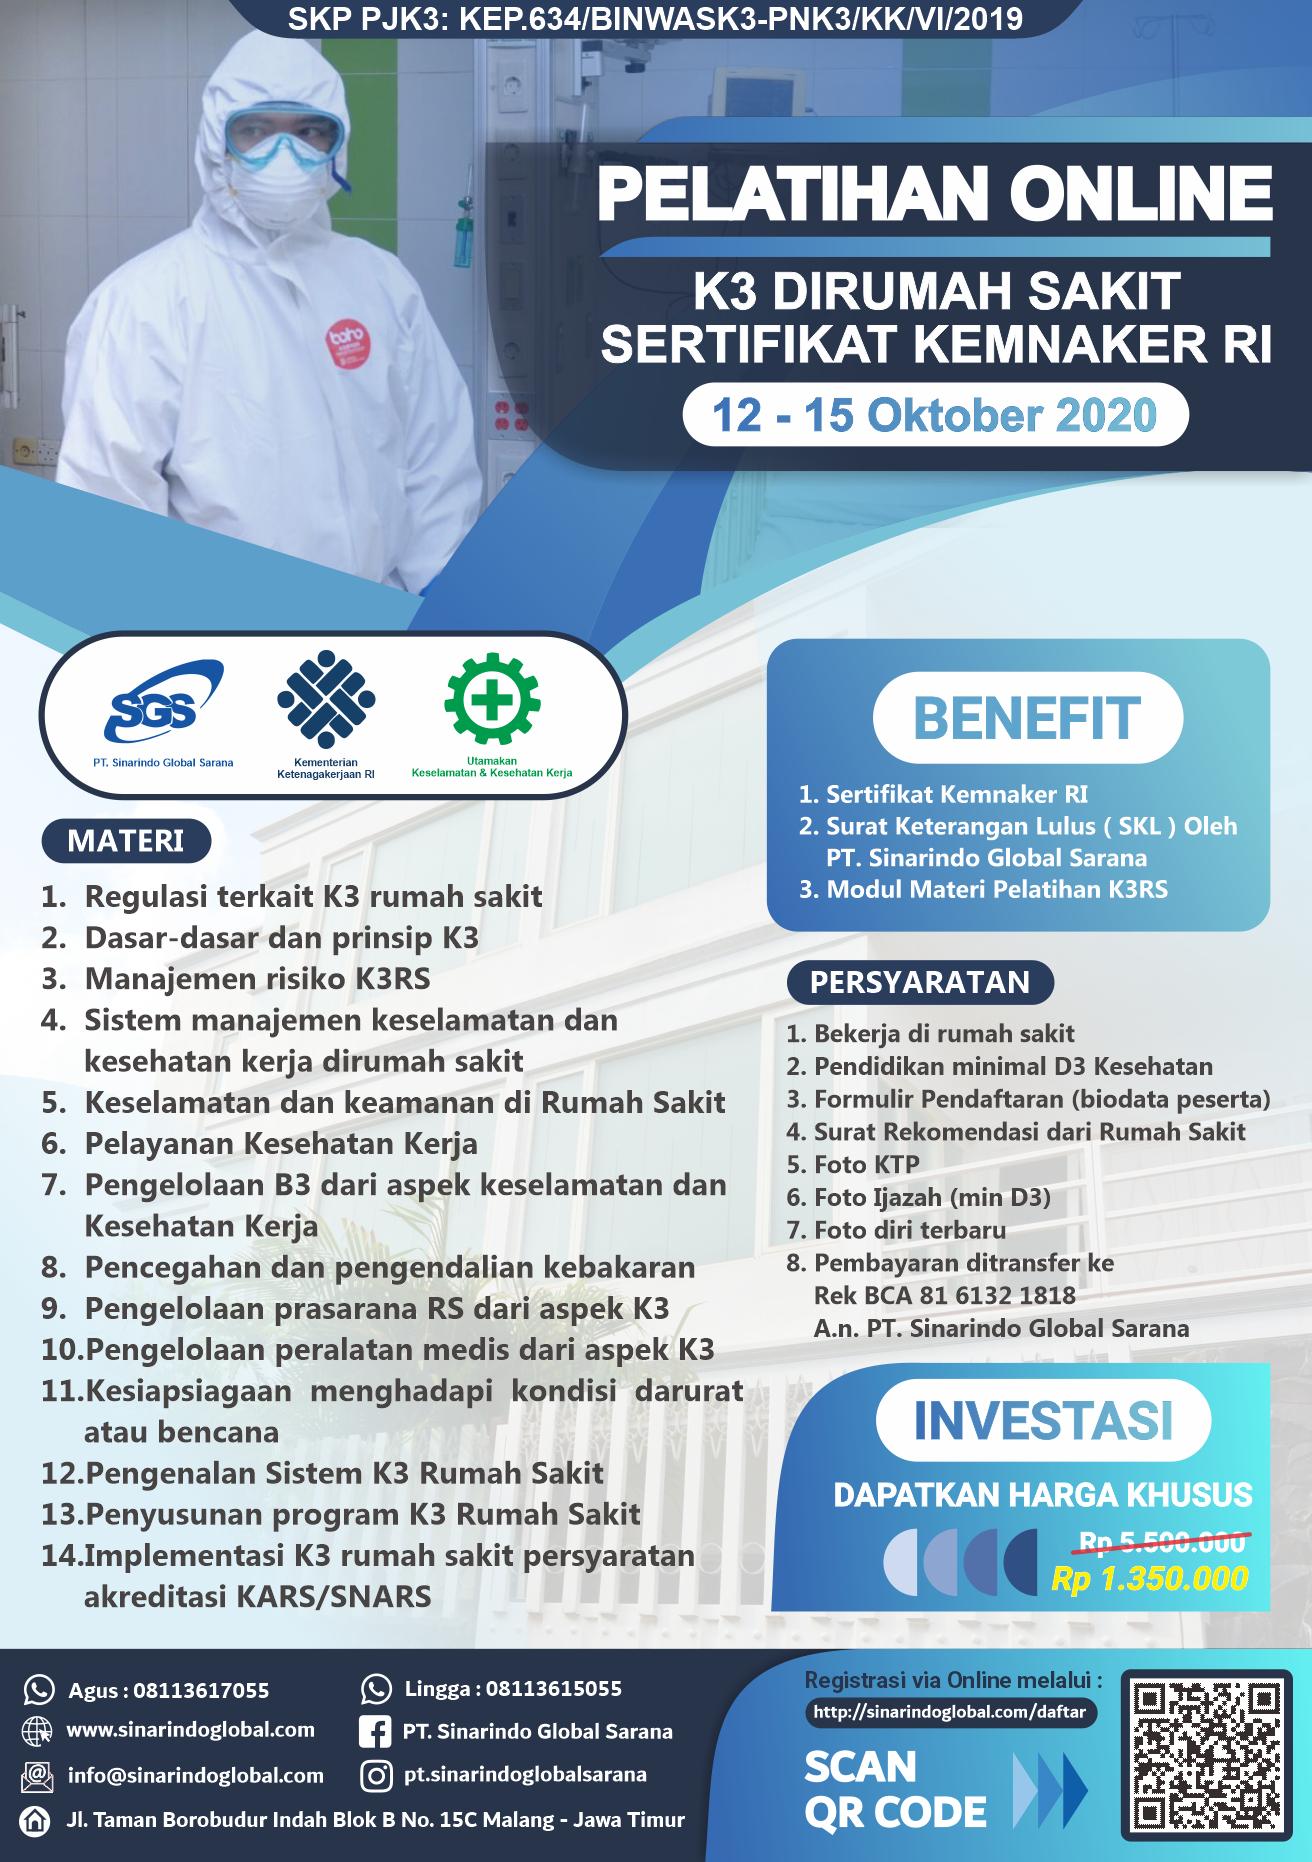 Pelatihan Online K3 di Rumah Sakit Sertifikat Kemnaker RI ( 12 - 15 Oktober 2020 )